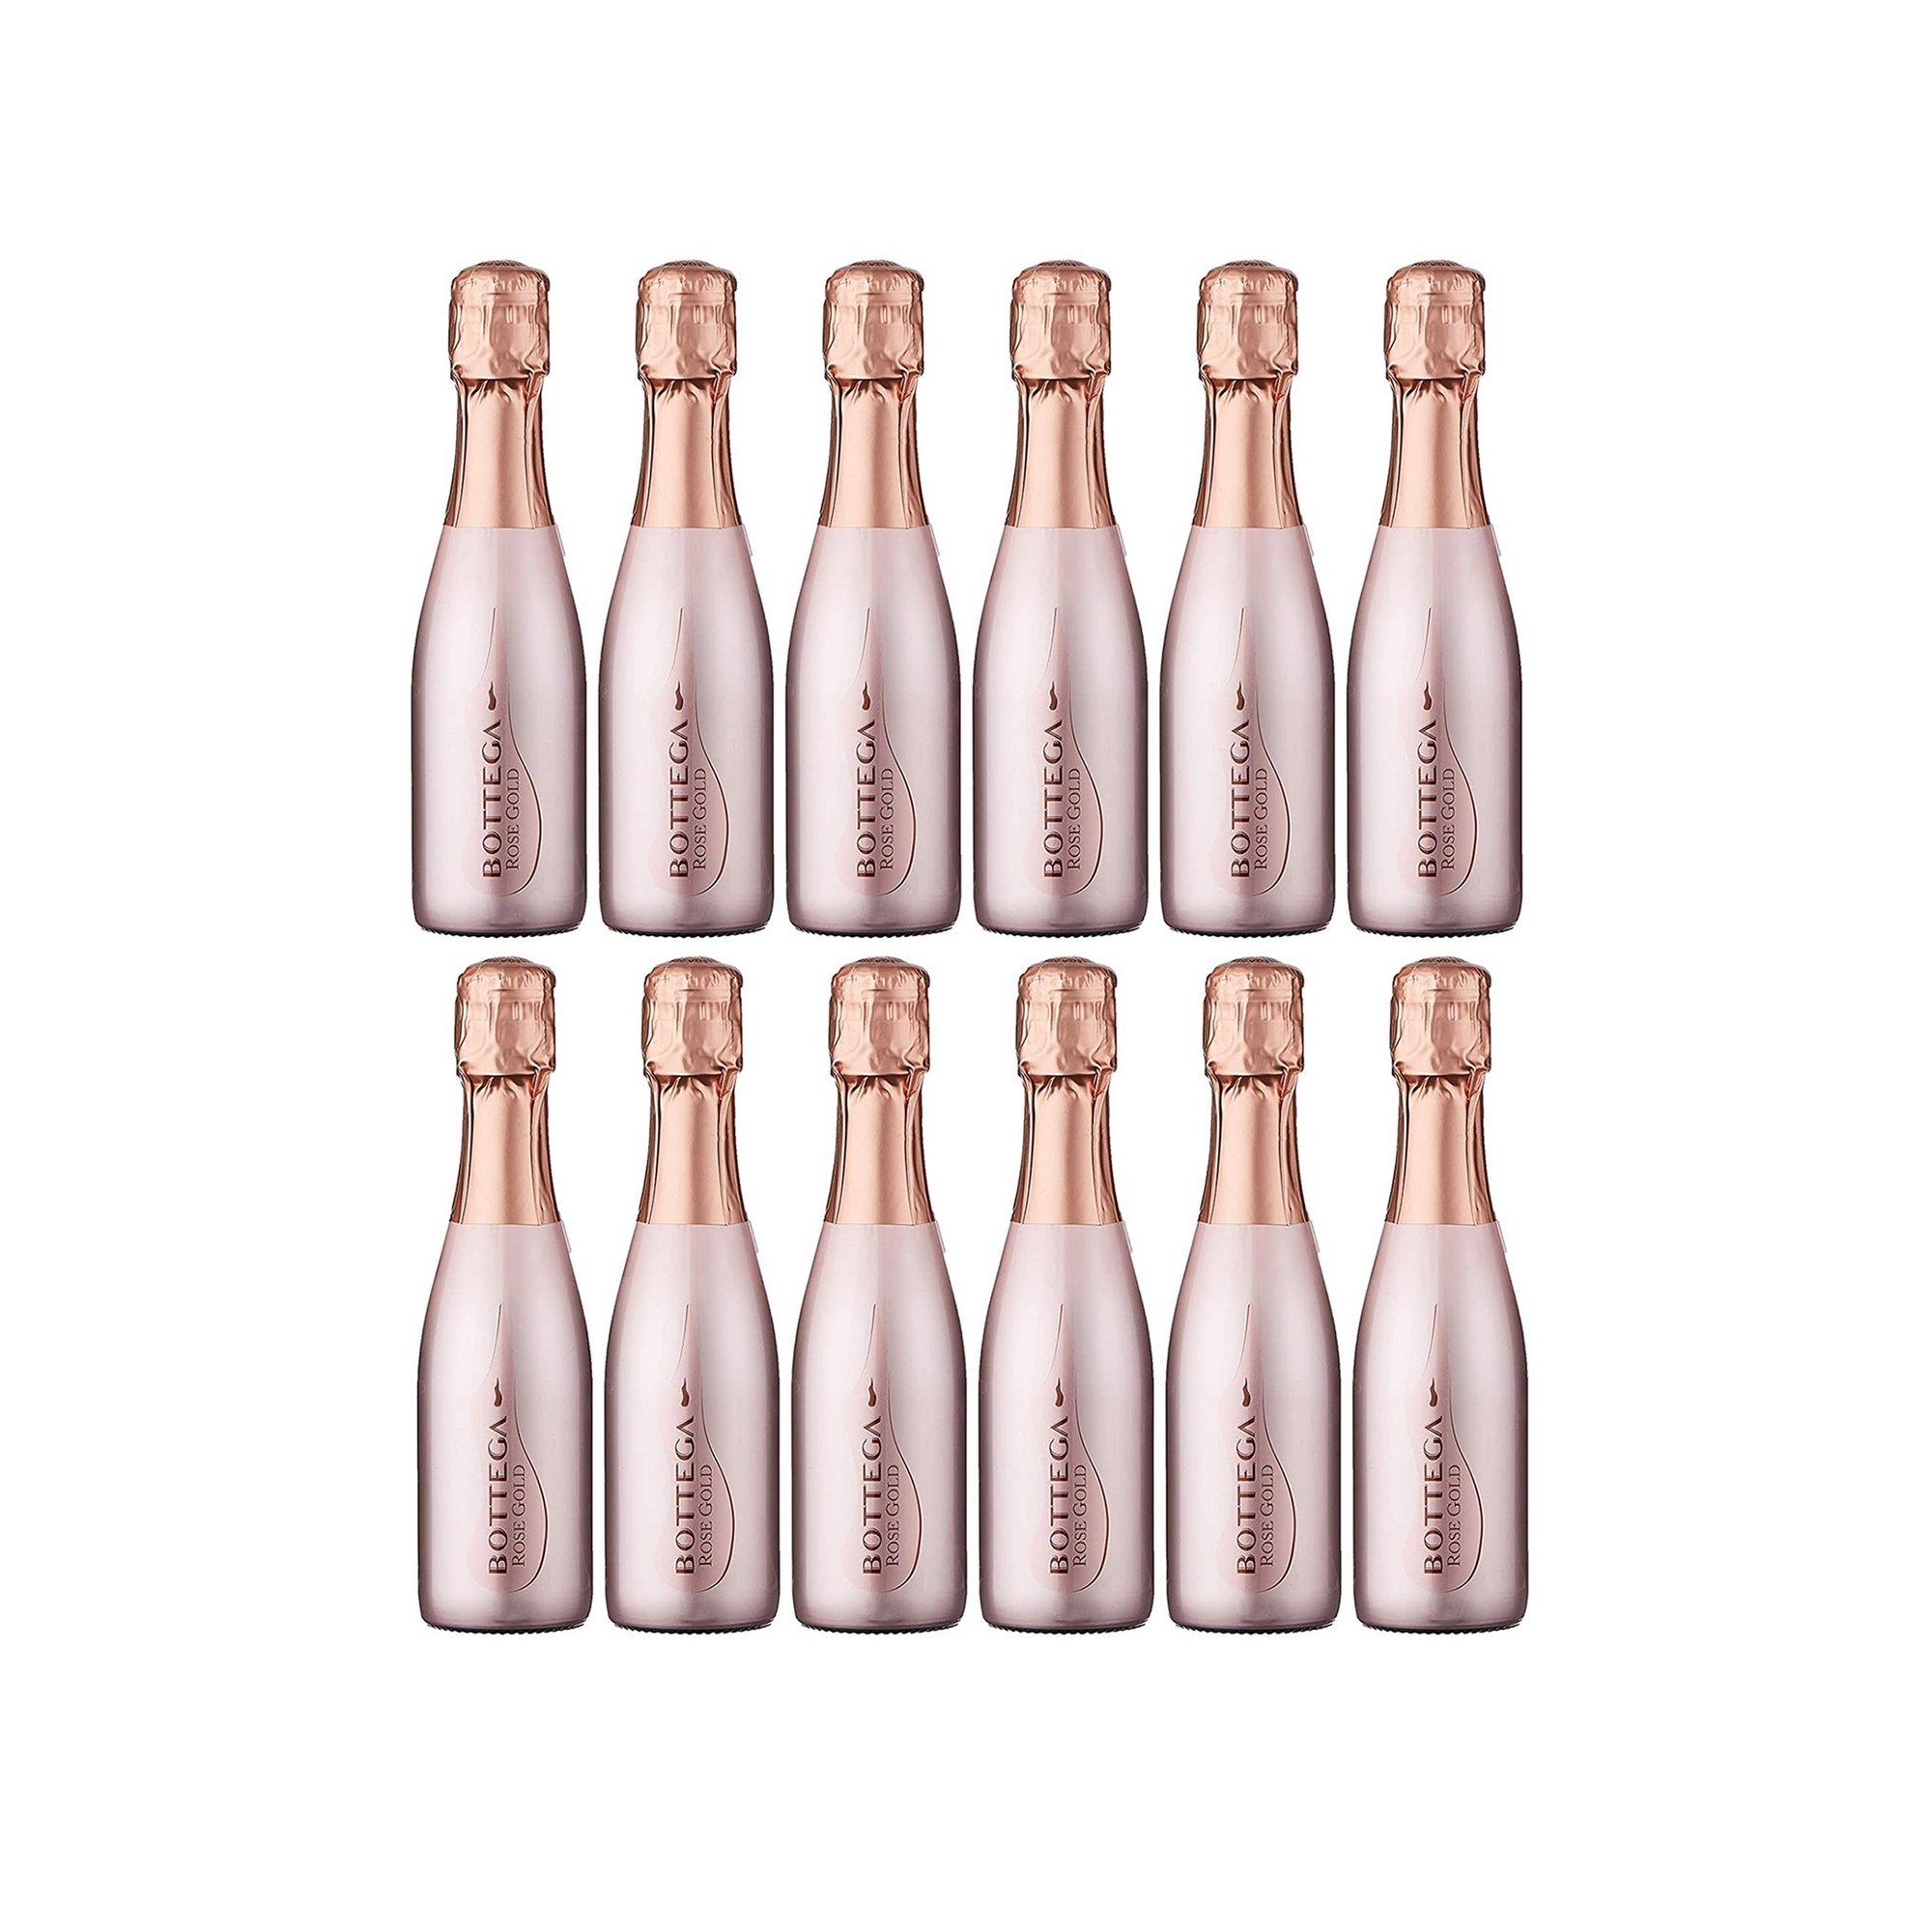 Image of Bottega Rose Mini Selection 12 x 20cl